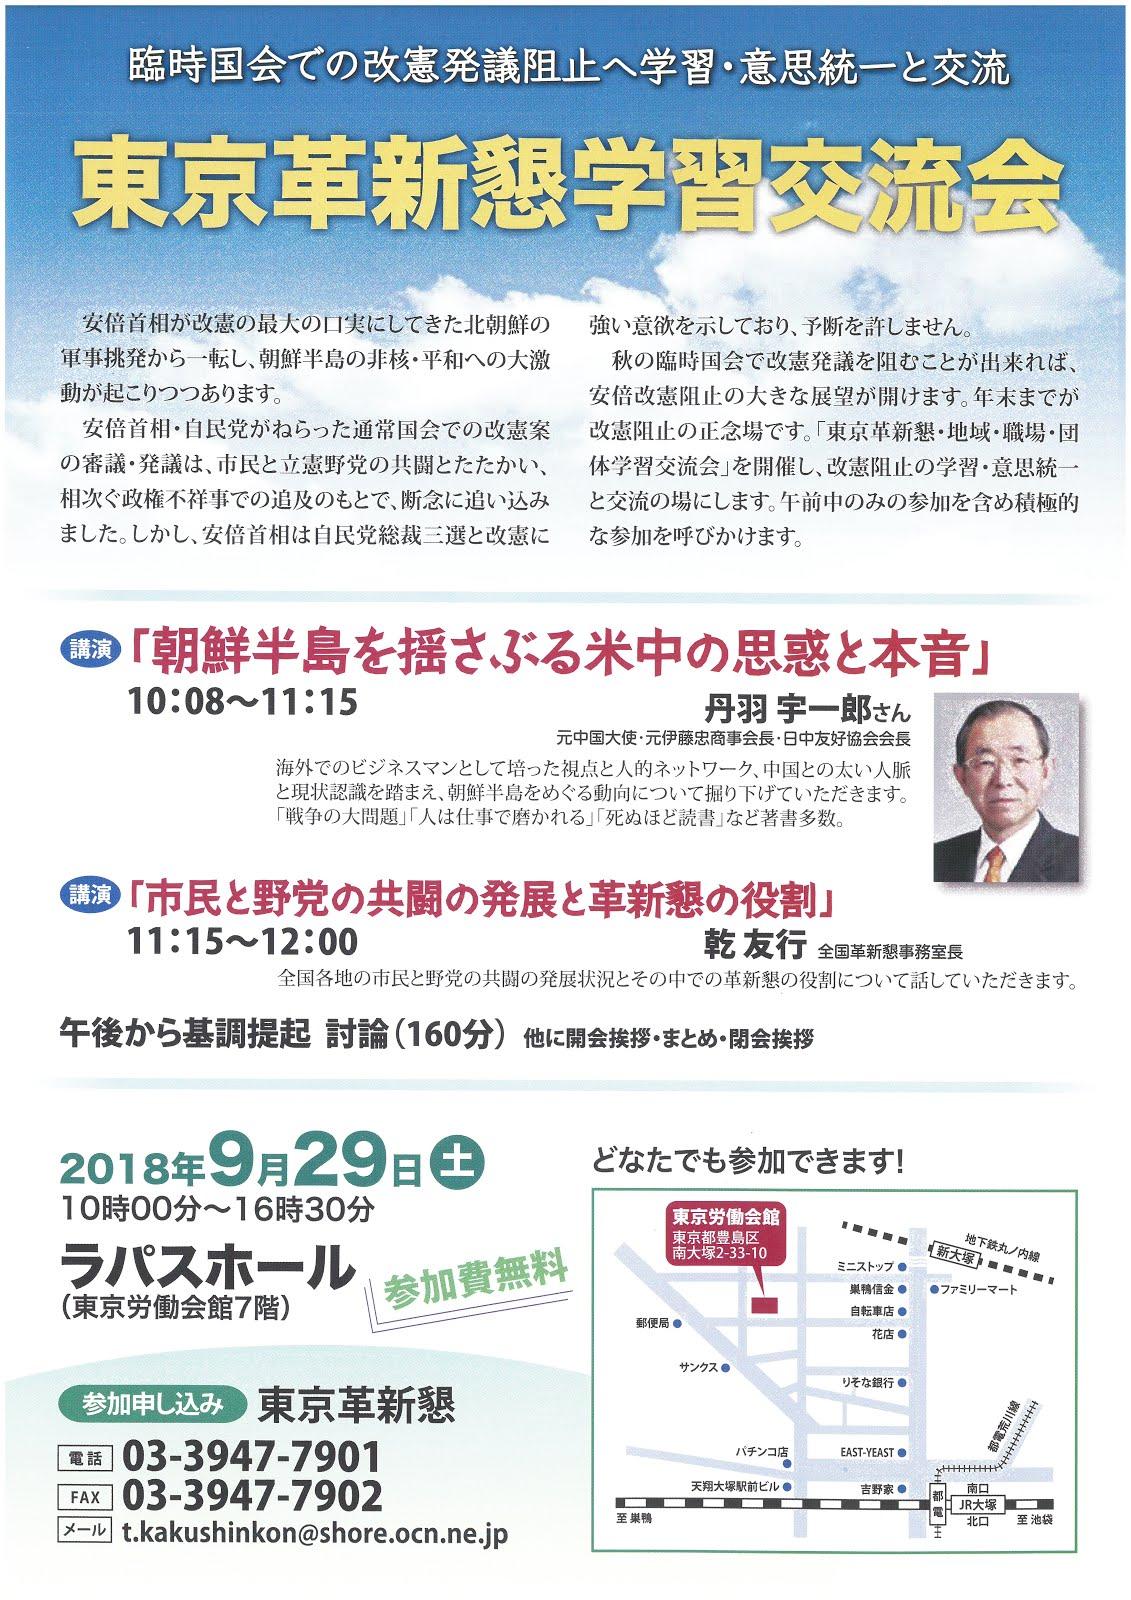 「アベ改憲阻止の正念場、今こそ力を尽くして共同とたたかいを広げよう」 東京革新懇が学習交流会